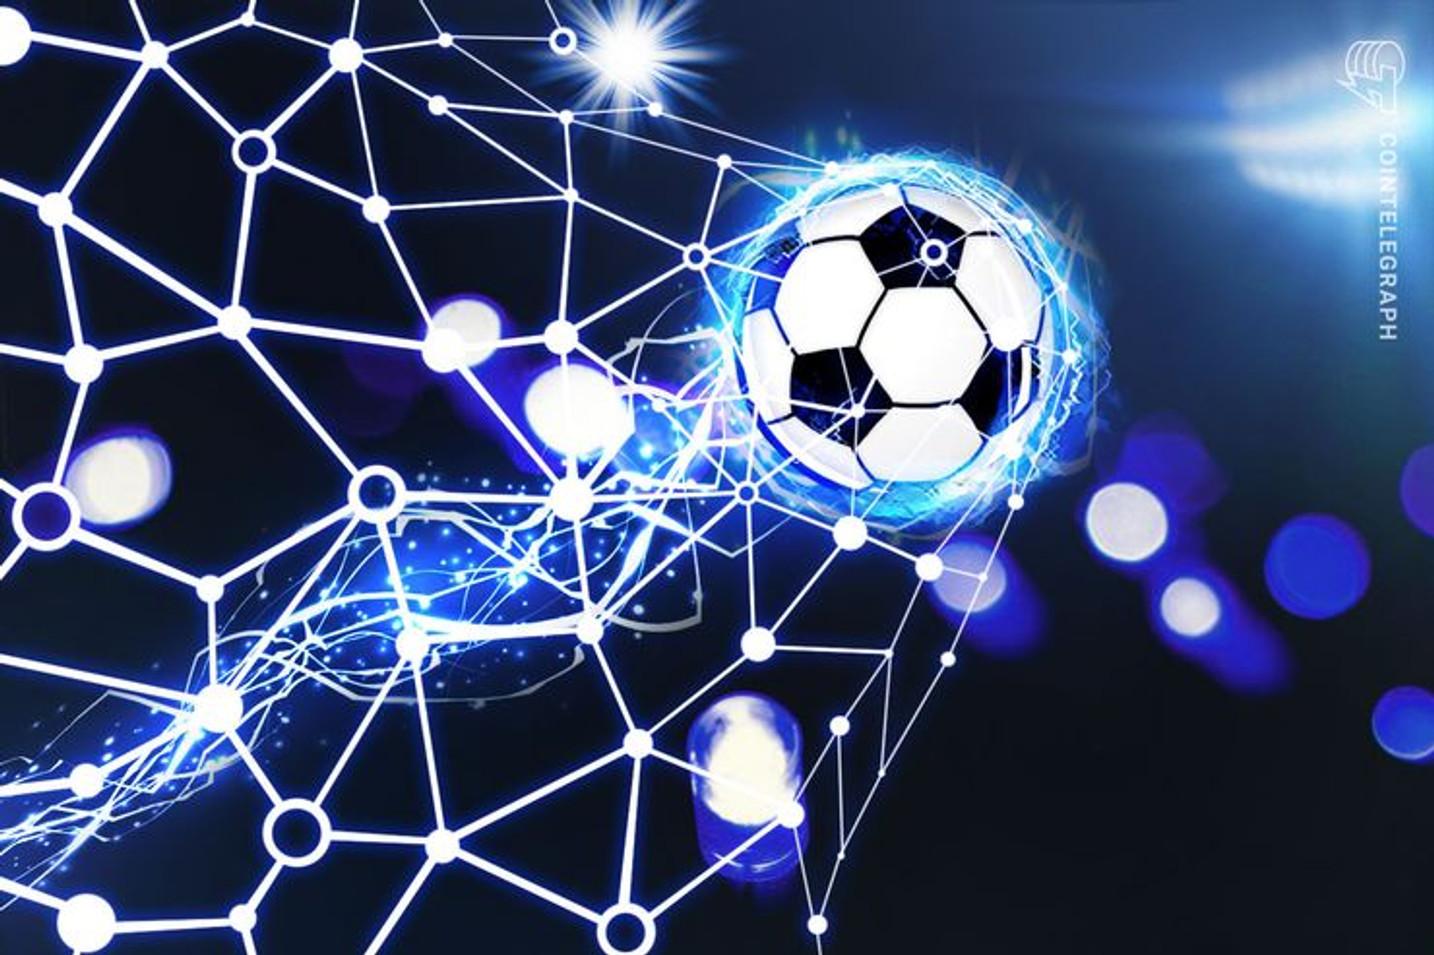 El juego KS Football, basado en blockchain, lanza un enlace con OpenSea Marketplace